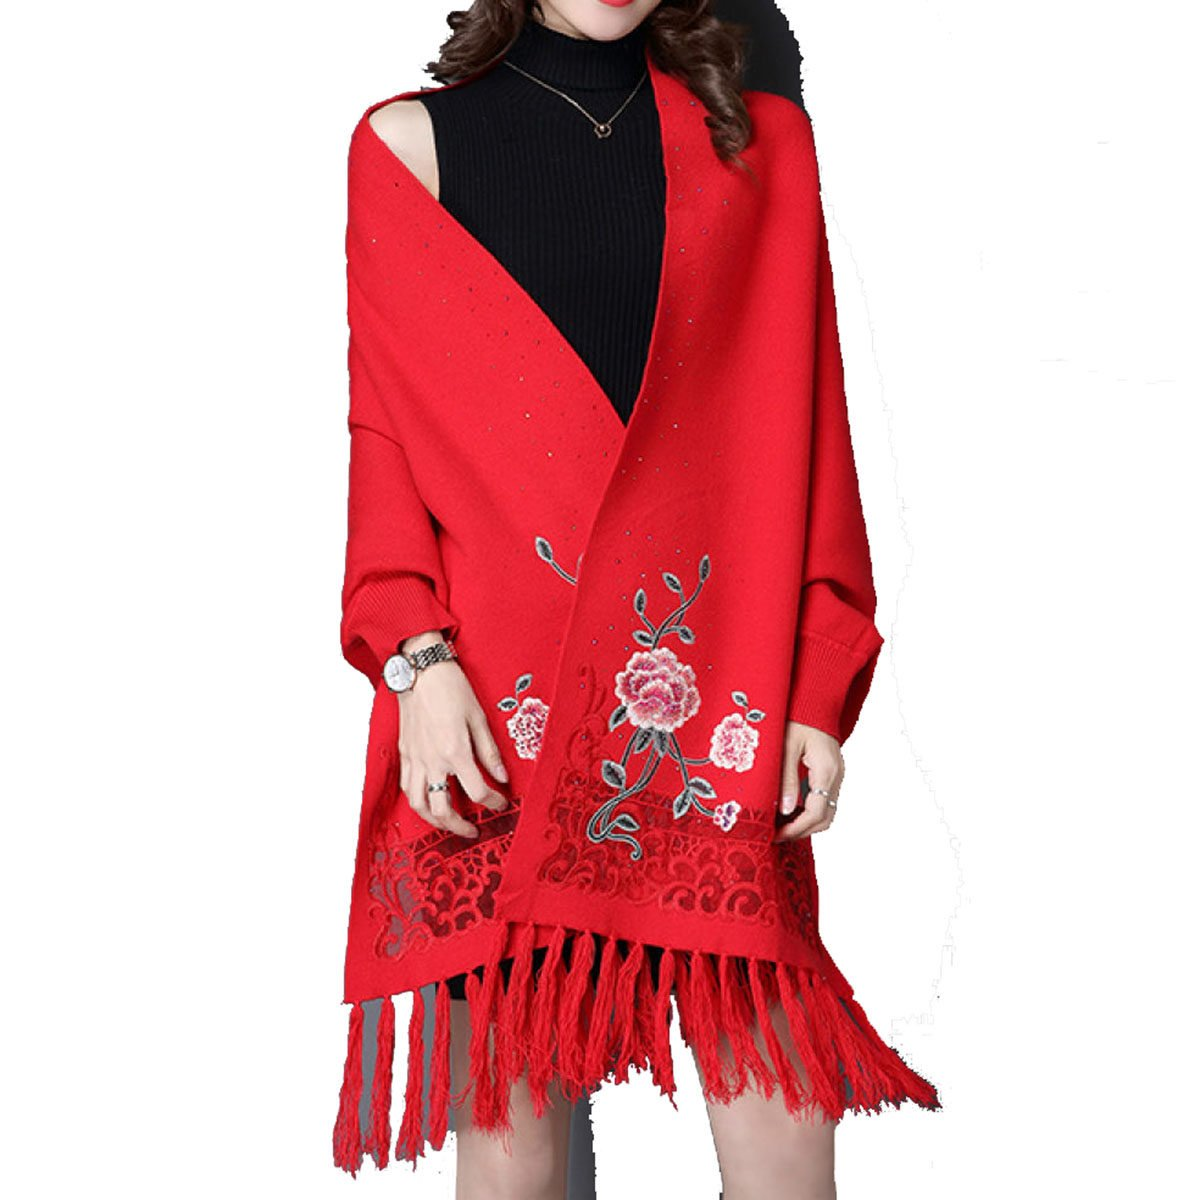 Mai Dou Winter Lady Scarf Cachemire Artificiale Cappello Caldo Traspirante  Freddo Del Mantello,A-OneSize: Amazon.it: Abbigliamento